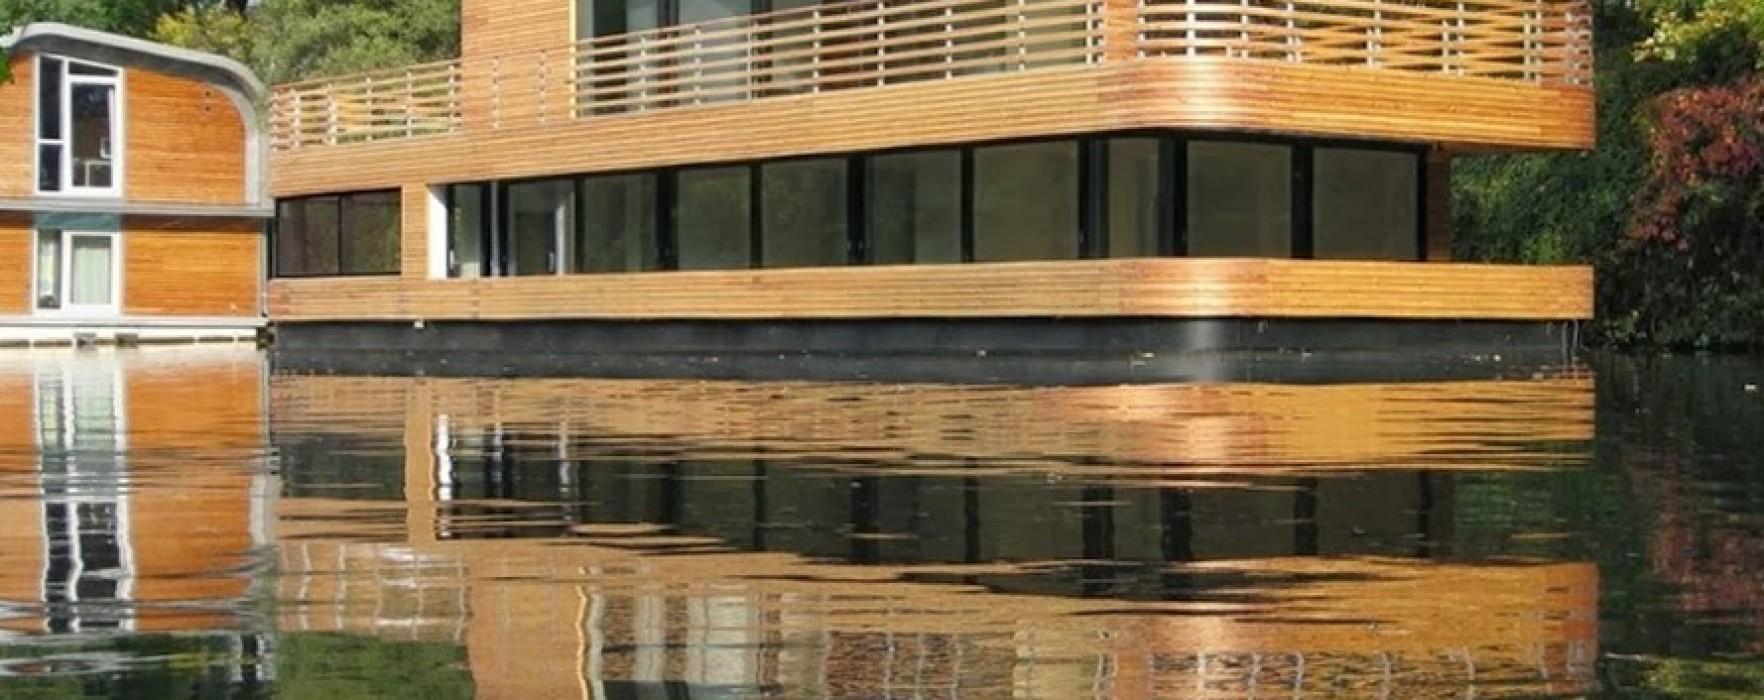 Le fondazioni di una casa di legno